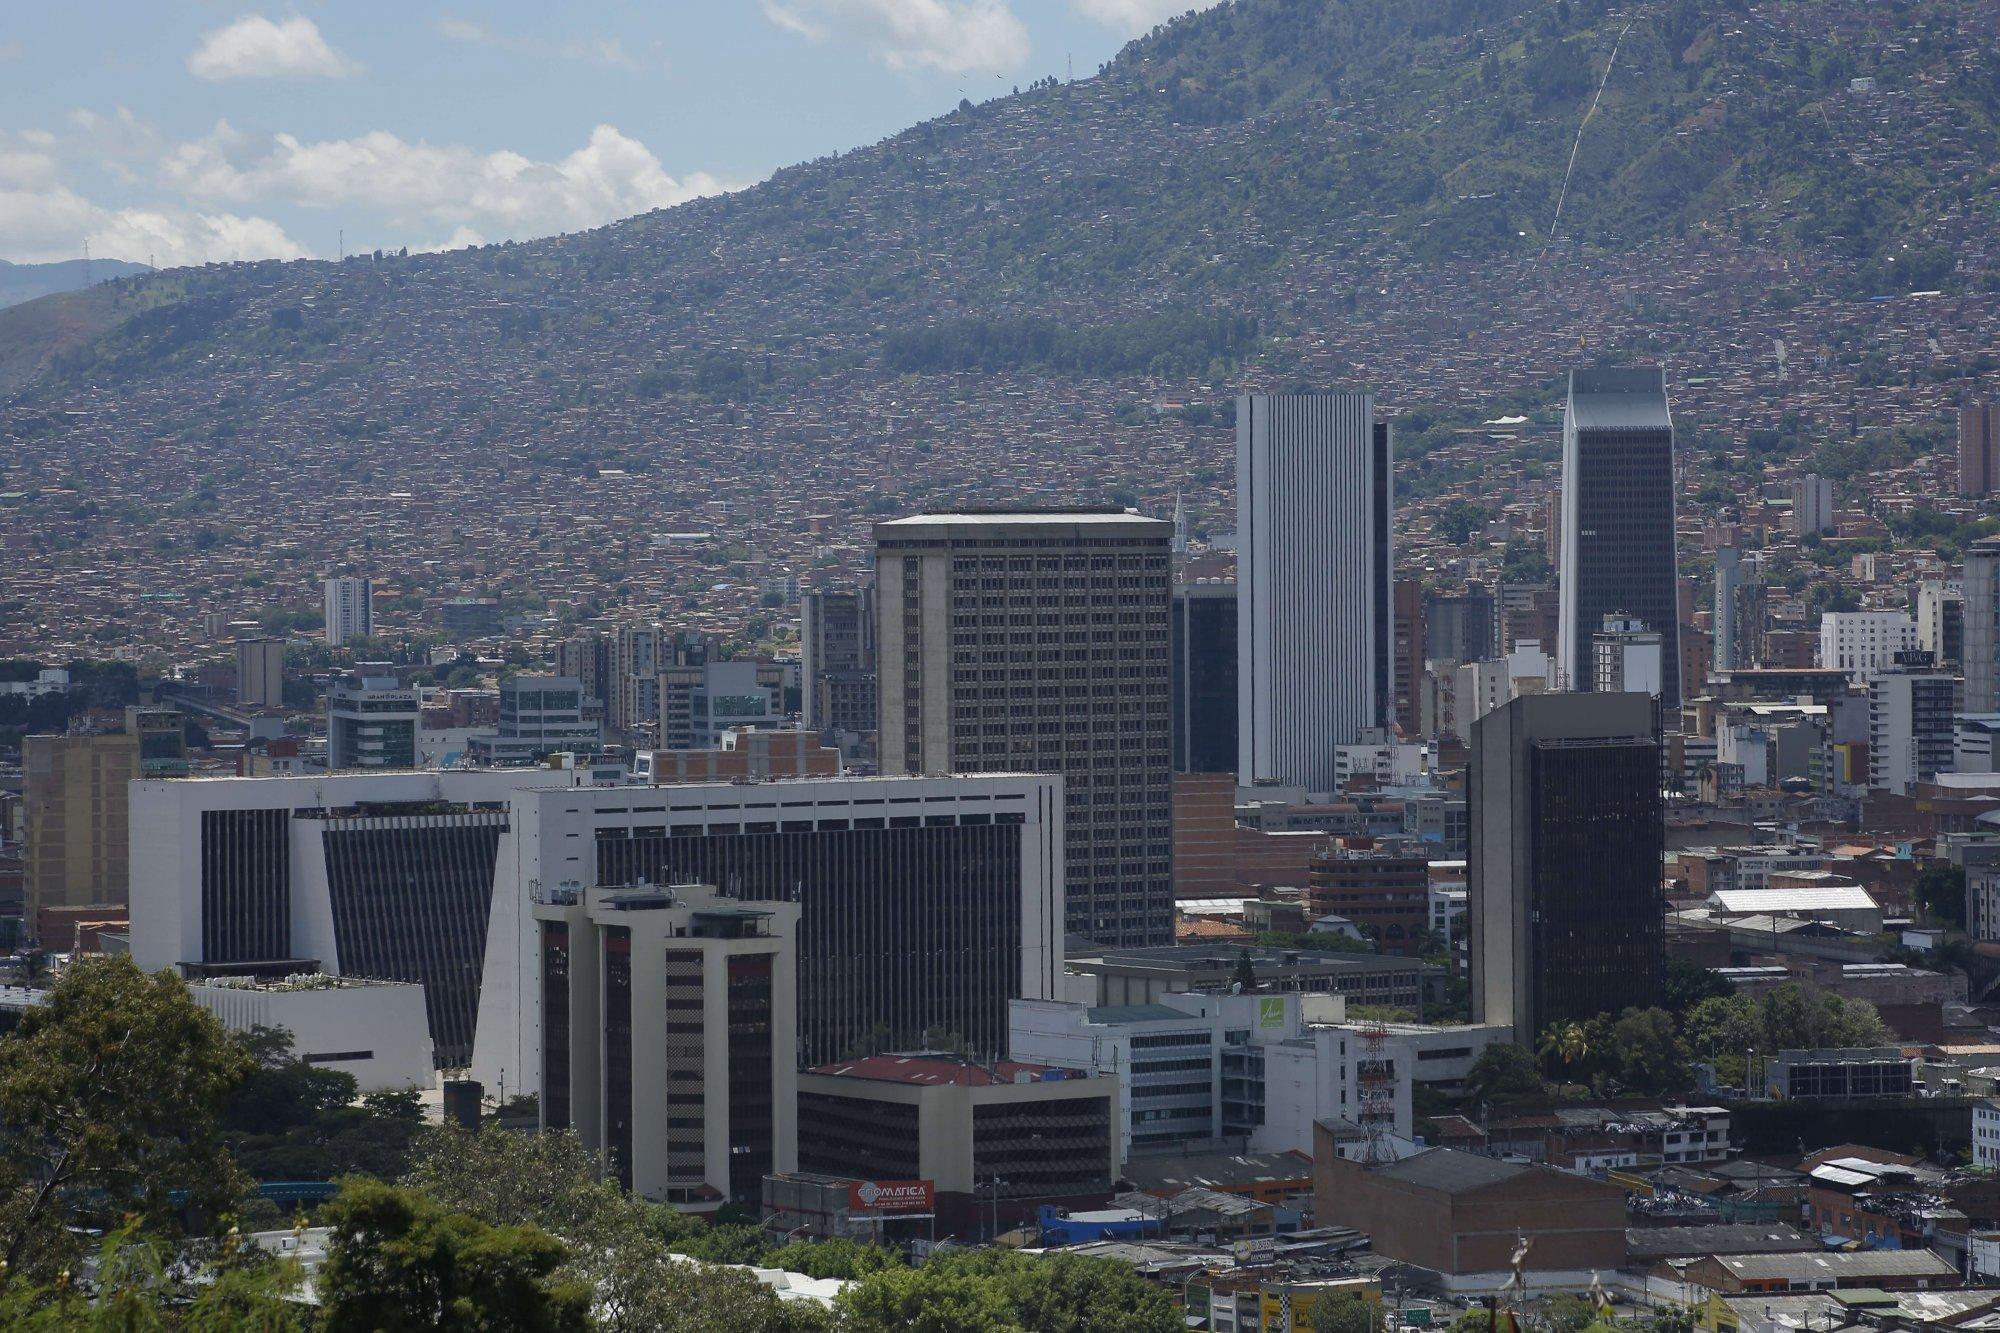 El Centro de Medellín entrará en cuarentena obligatorio por 14 días